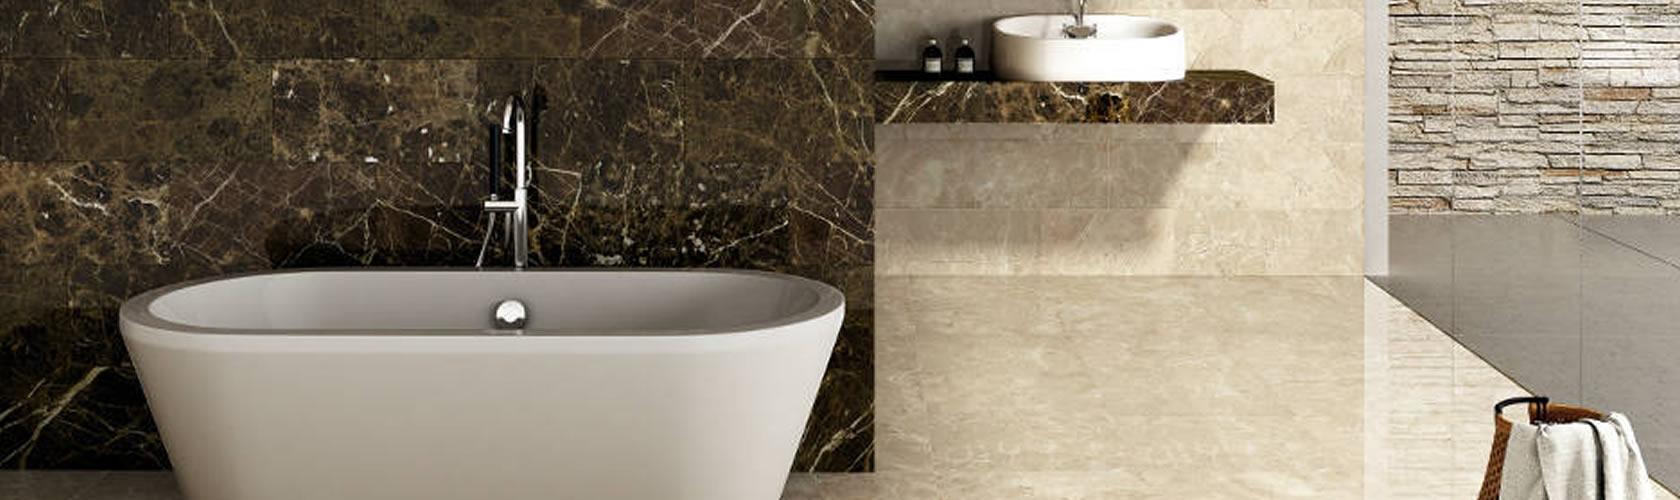 Marmoles y granitos ruiz marmoles marbella ruiz for Stone marmoles y granitos